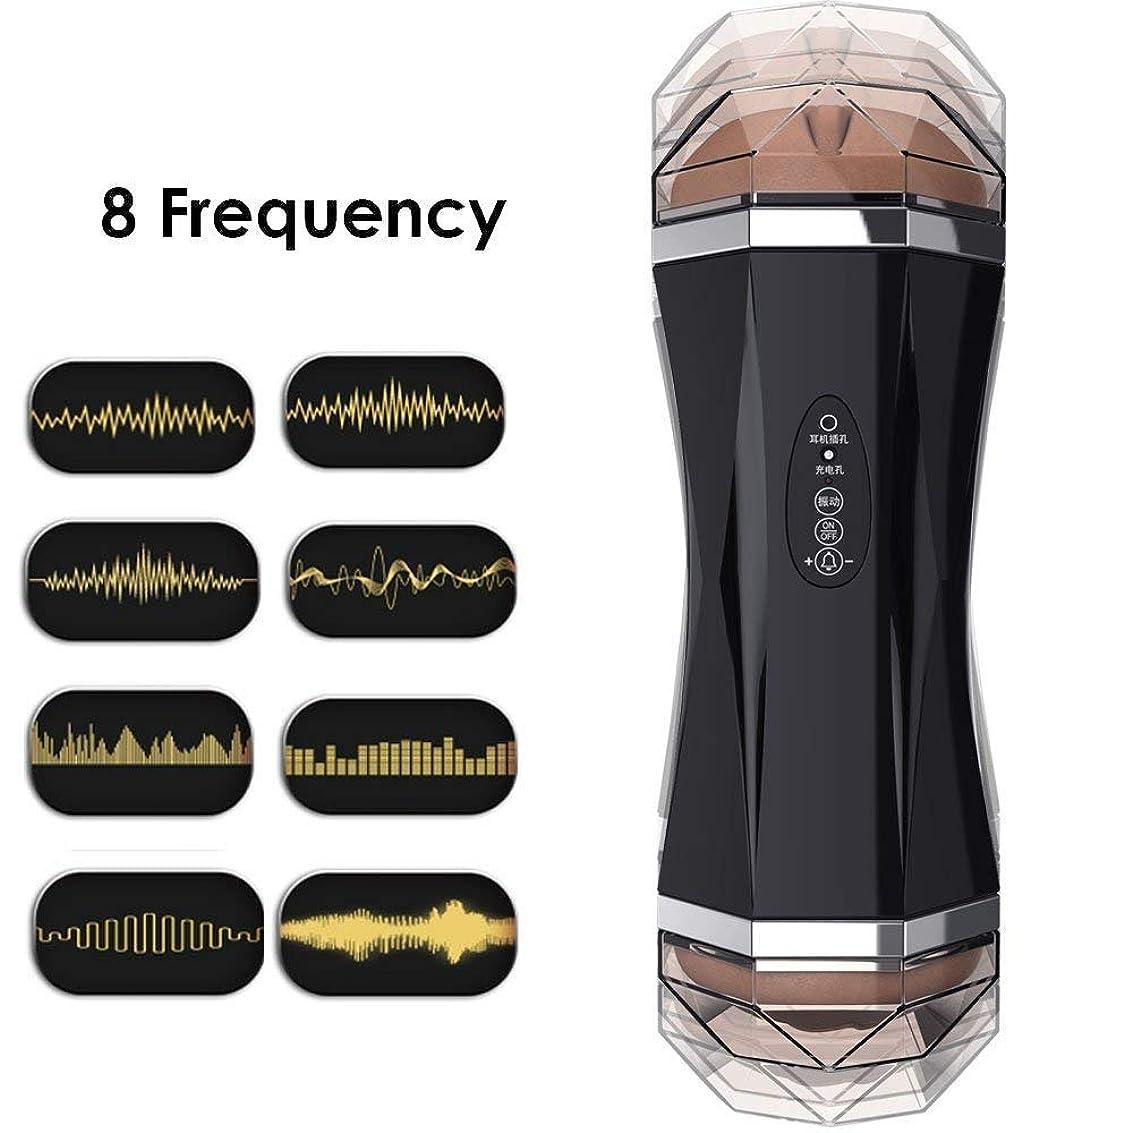 揮発性かき混ぜるクラックポット手コキ 全身のための8つの強い振動の吸引モードが付いている振動のポケットBlouwJ?b装置電気再充電可能 自分を助ける